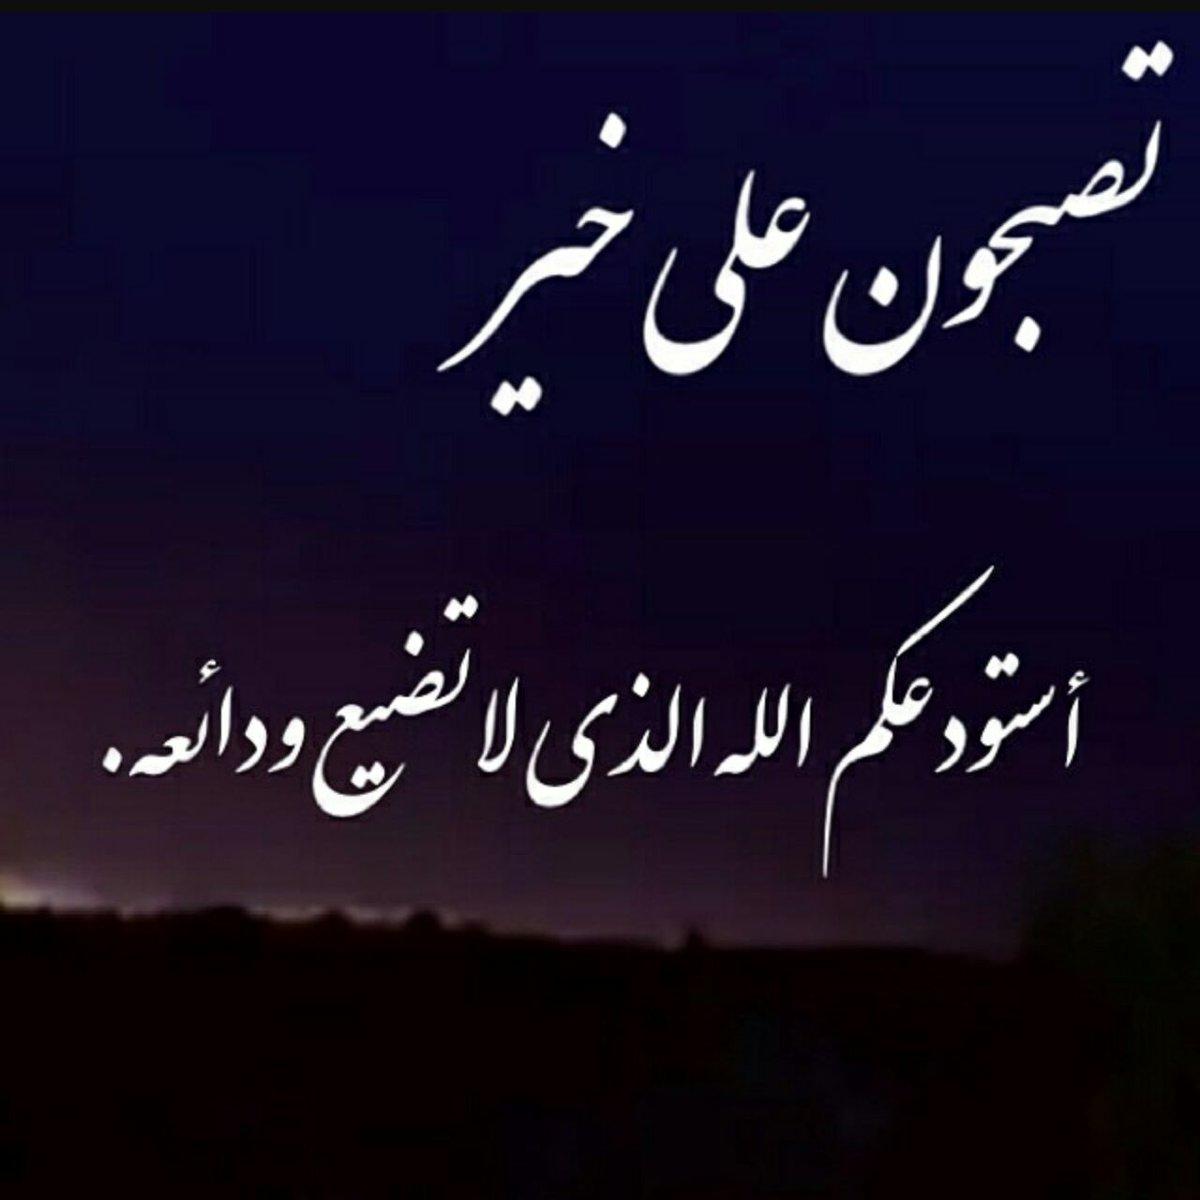 بالصور مسجات تصبحون على خير اسلامية , رسائل للمساء دينية 3645 9